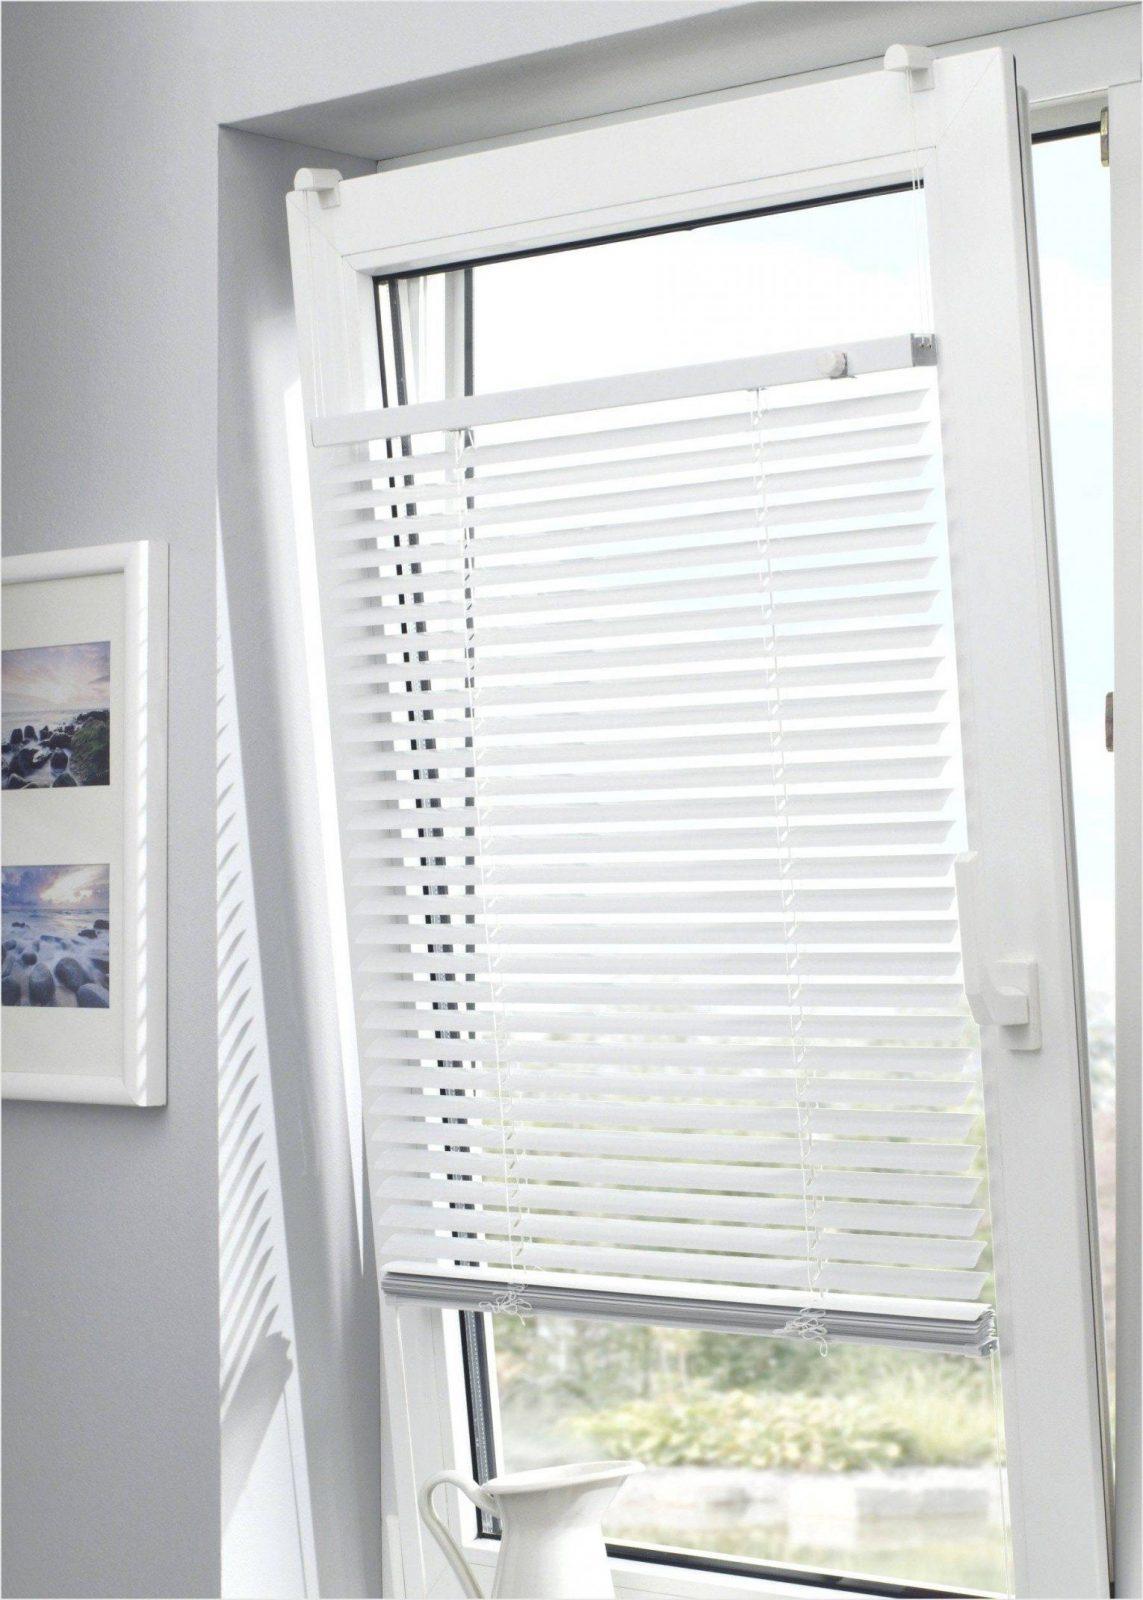 Faszinierend Sichtschutz Für Fenster Sichtschutz Fenster Selber von Sichtschutz Fenster Selber Machen Bild